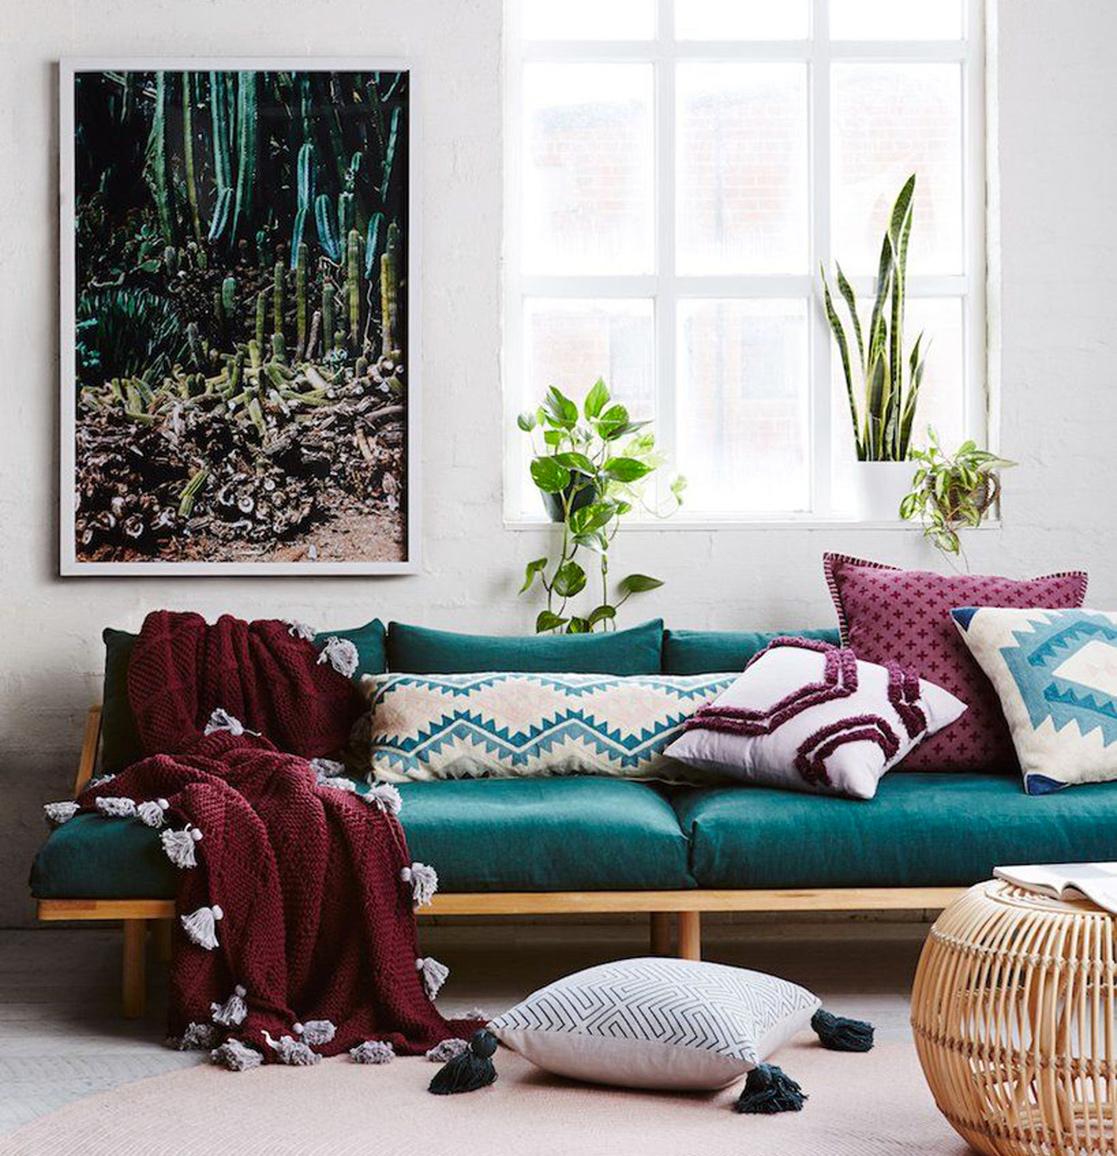 Le canapé s'affiche en couleurs